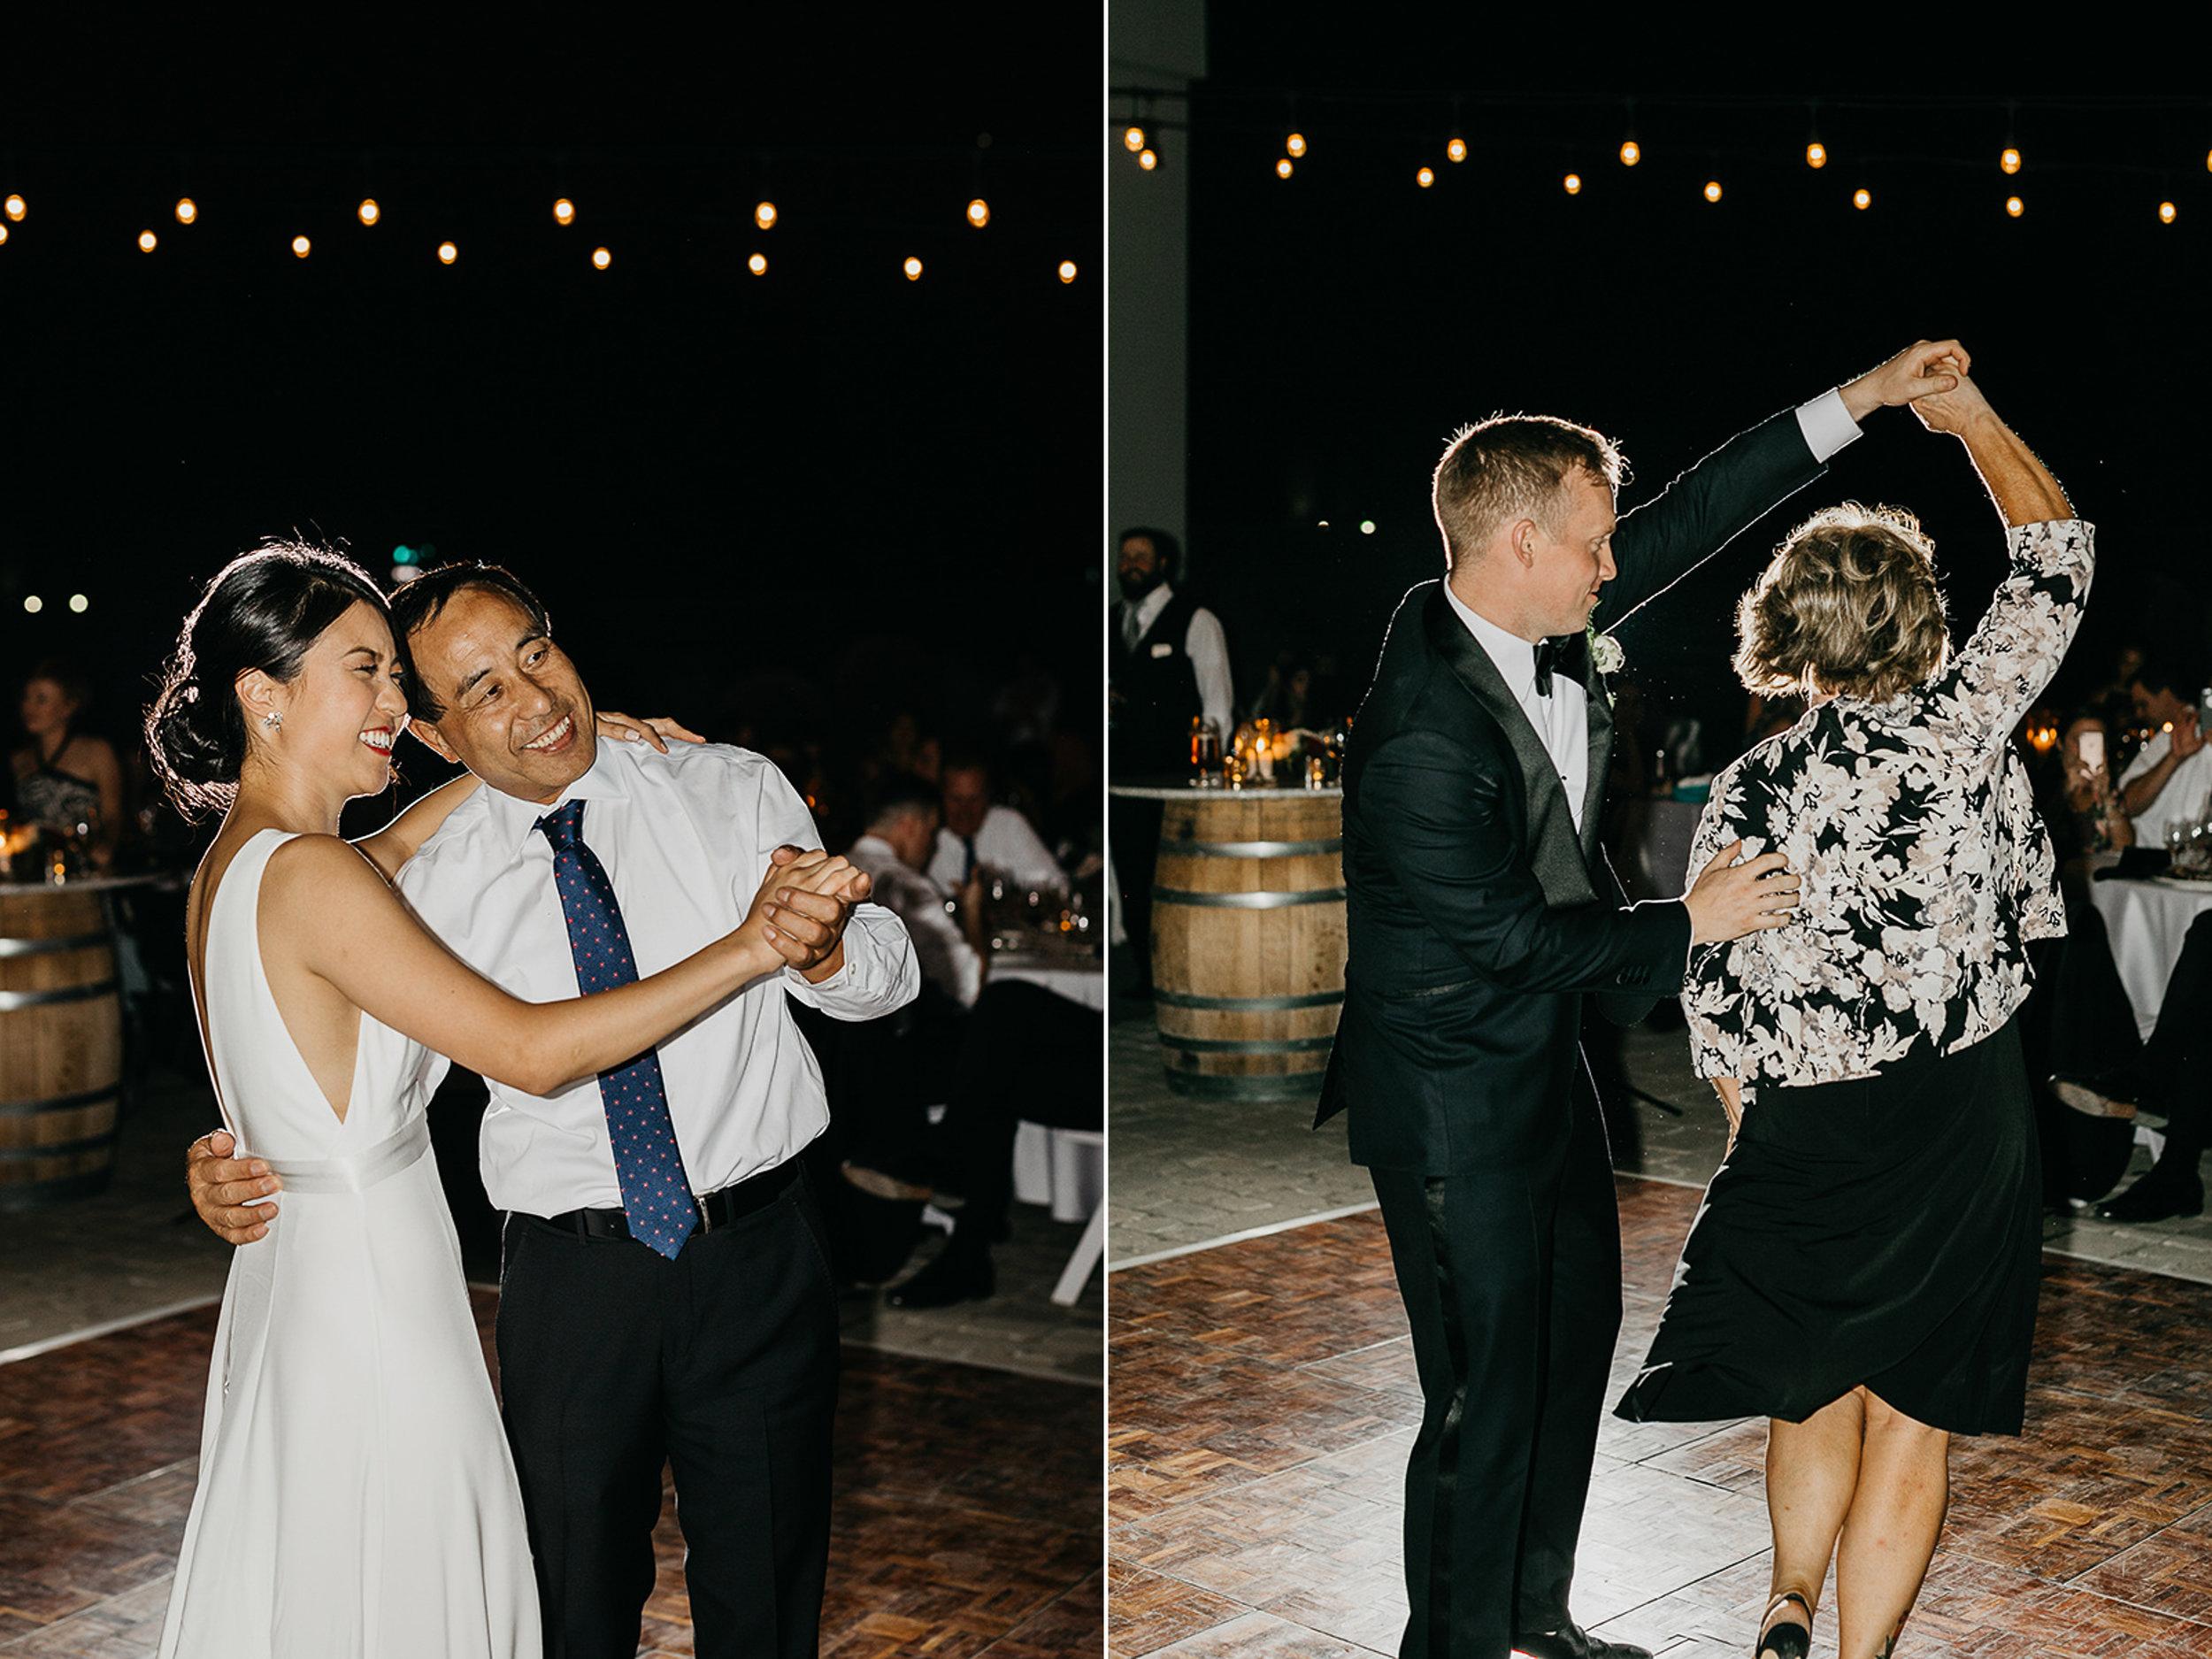 Walla walla - washington - wedding - photographer034.jpg